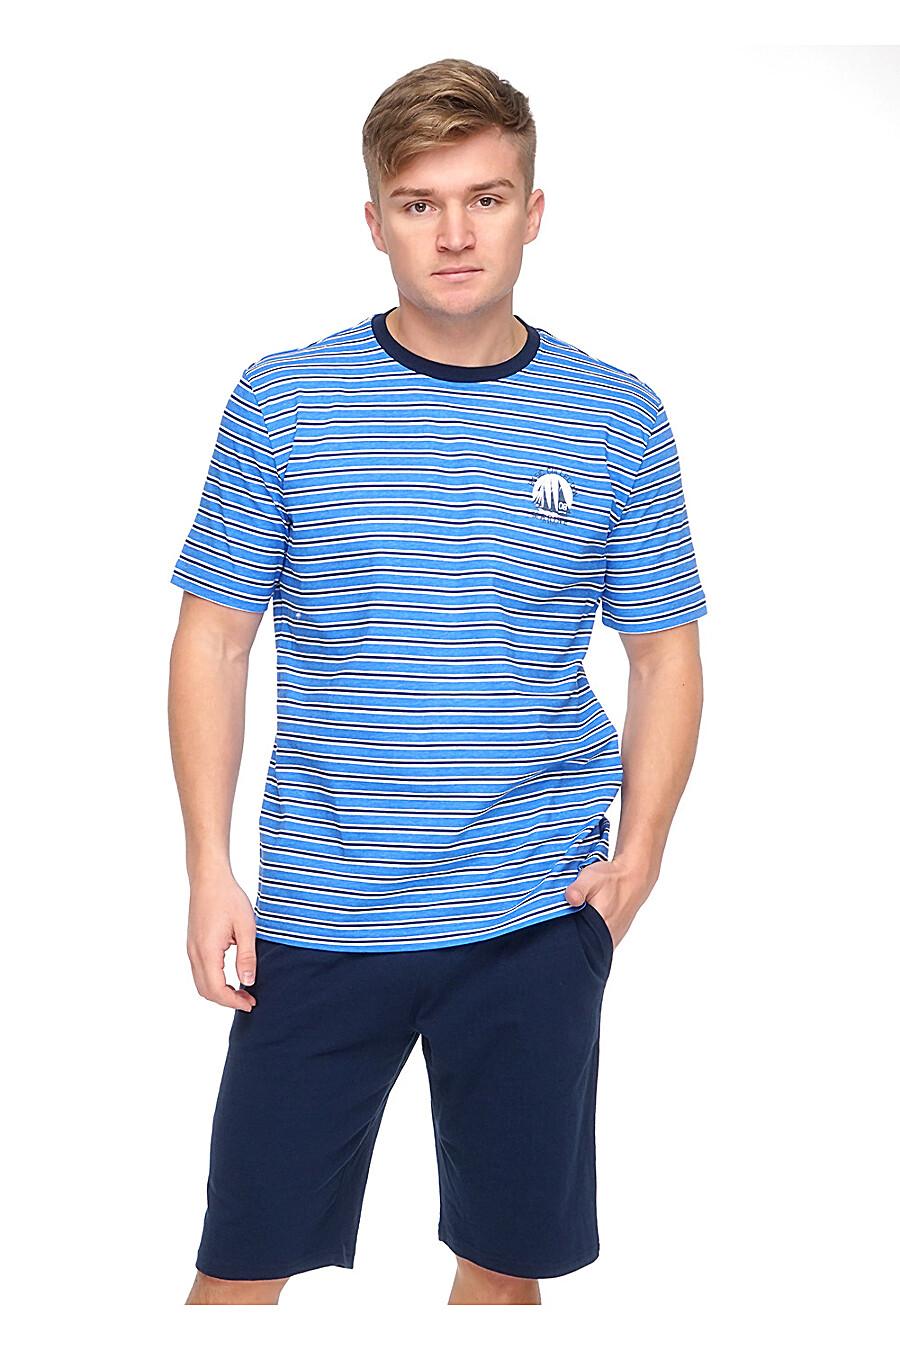 Комплект (шорты+футболка) для мужчин CLEVER 176024 купить оптом от производителя. Совместная покупка мужской одежды в OptMoyo